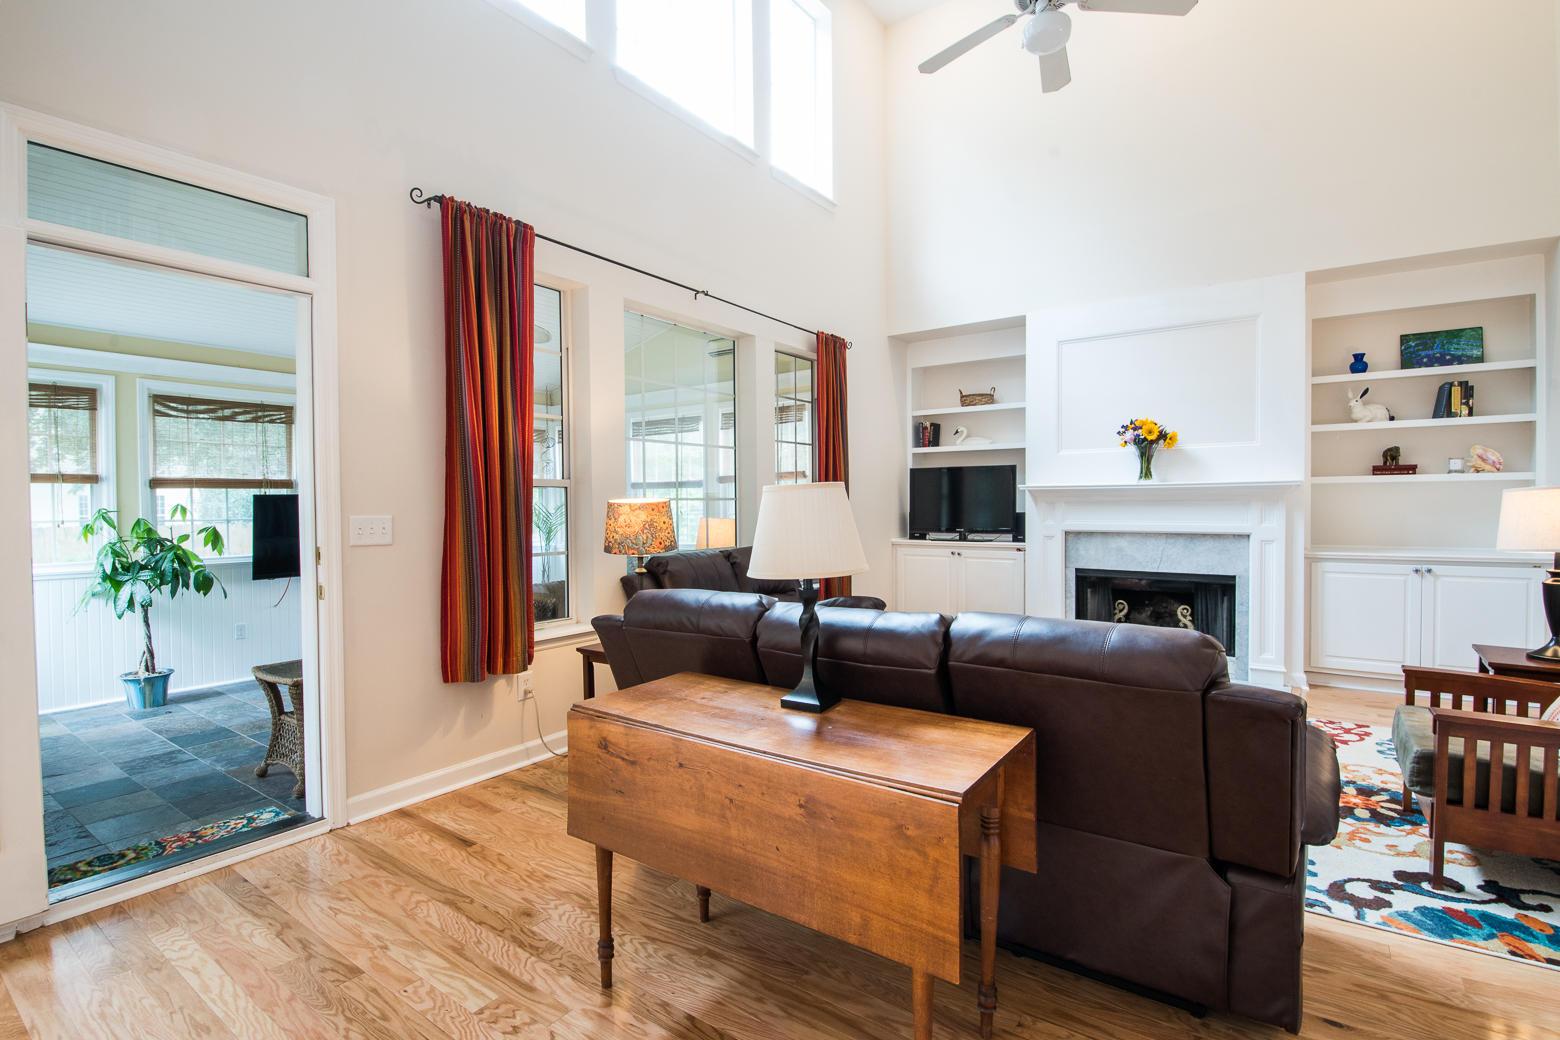 Dunes West Homes For Sale - 1111 Black Rush, Mount Pleasant, SC - 10